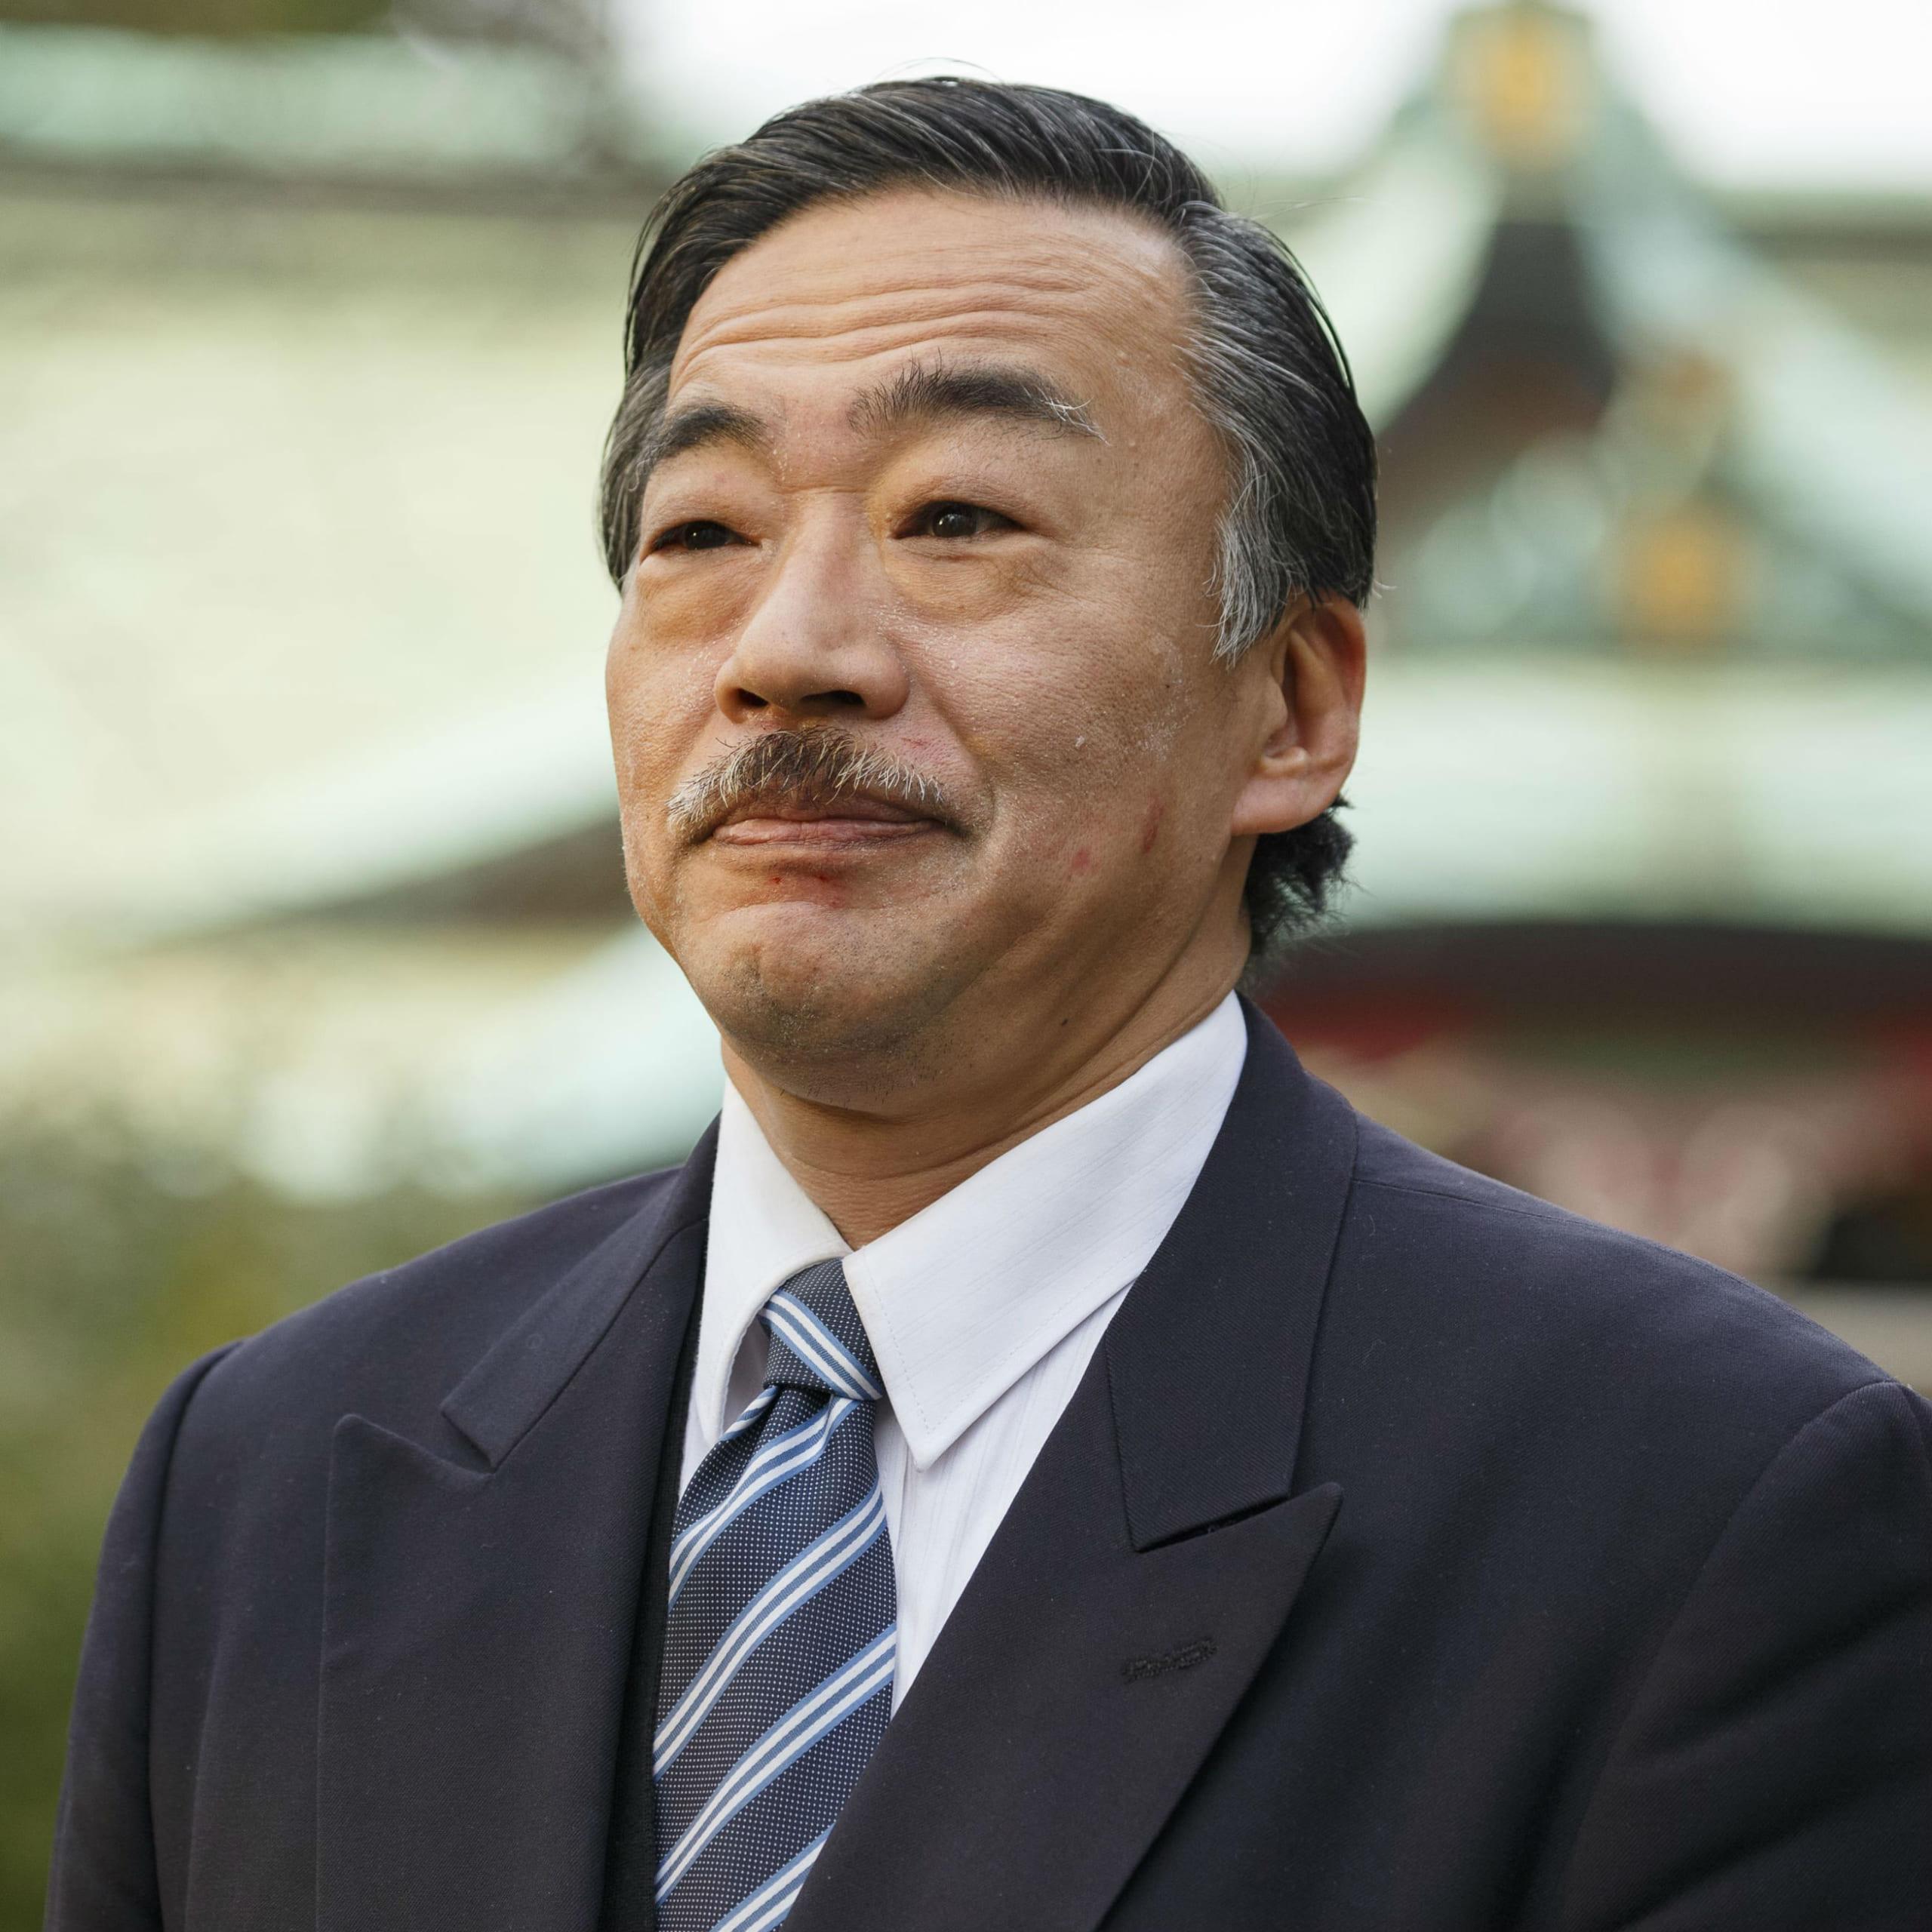 「GHQ」に洗脳されている日本人とは?